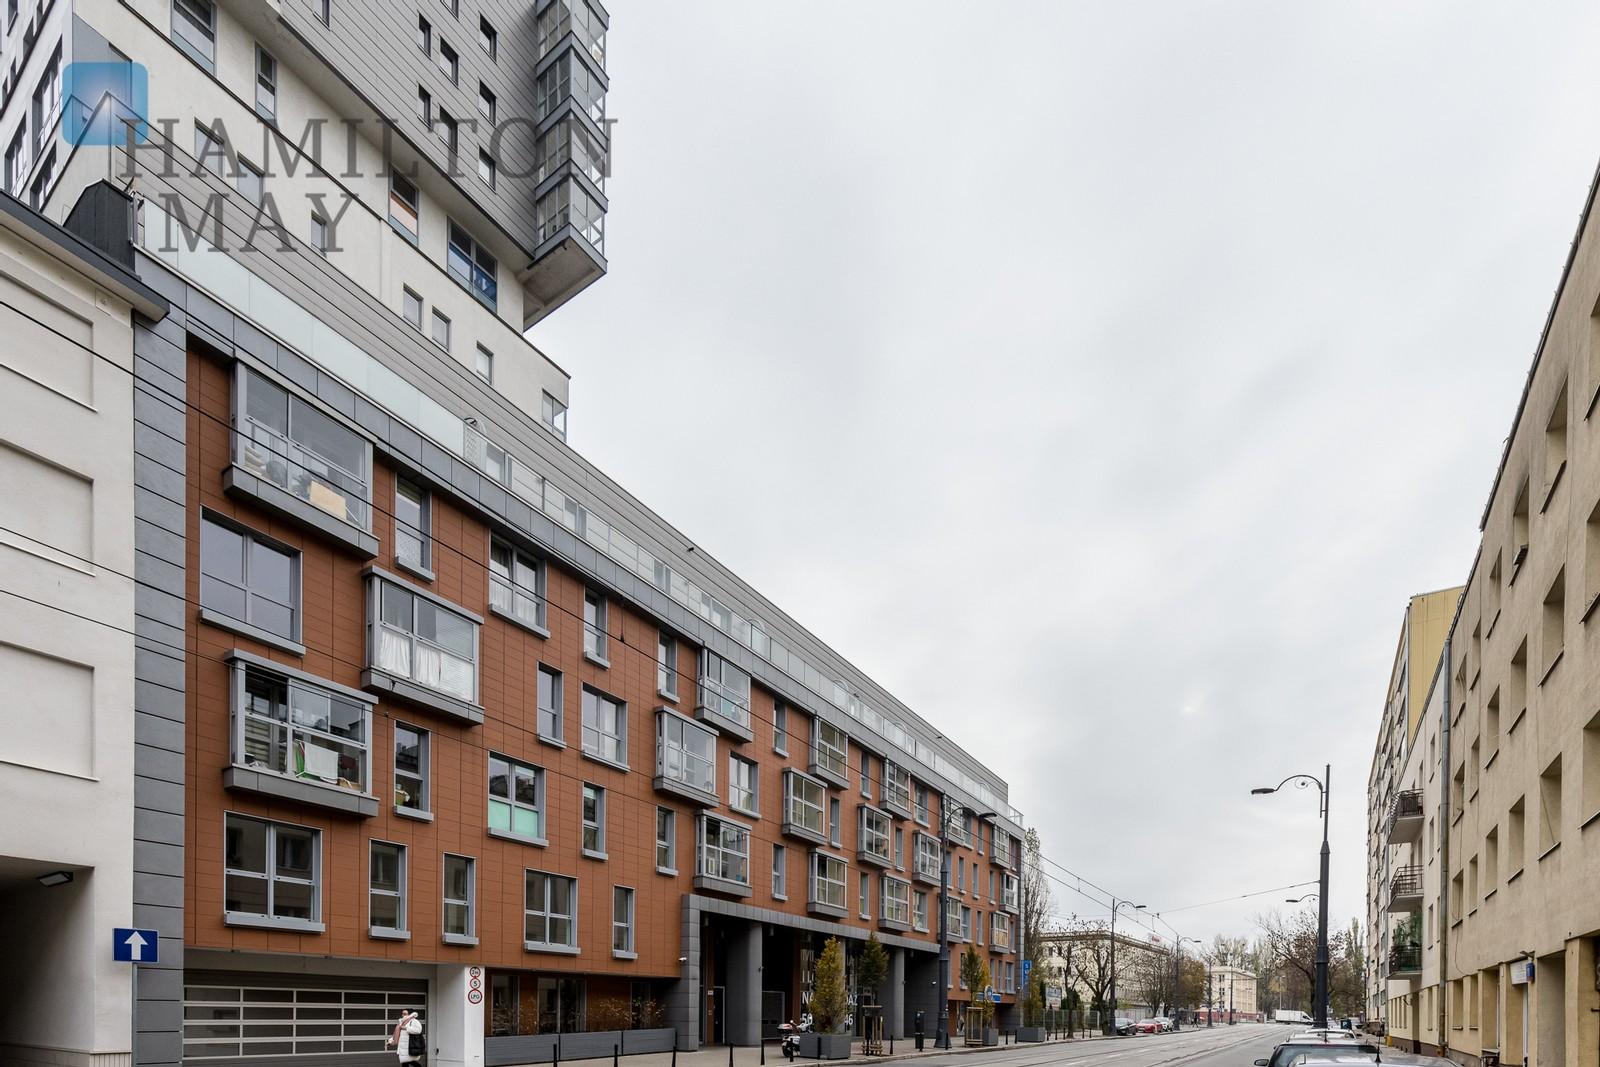 Mieszkanie w stanie deweloperskim przy ul. Skierniewickiej na sprzedaż Warszawa na sprzedaż